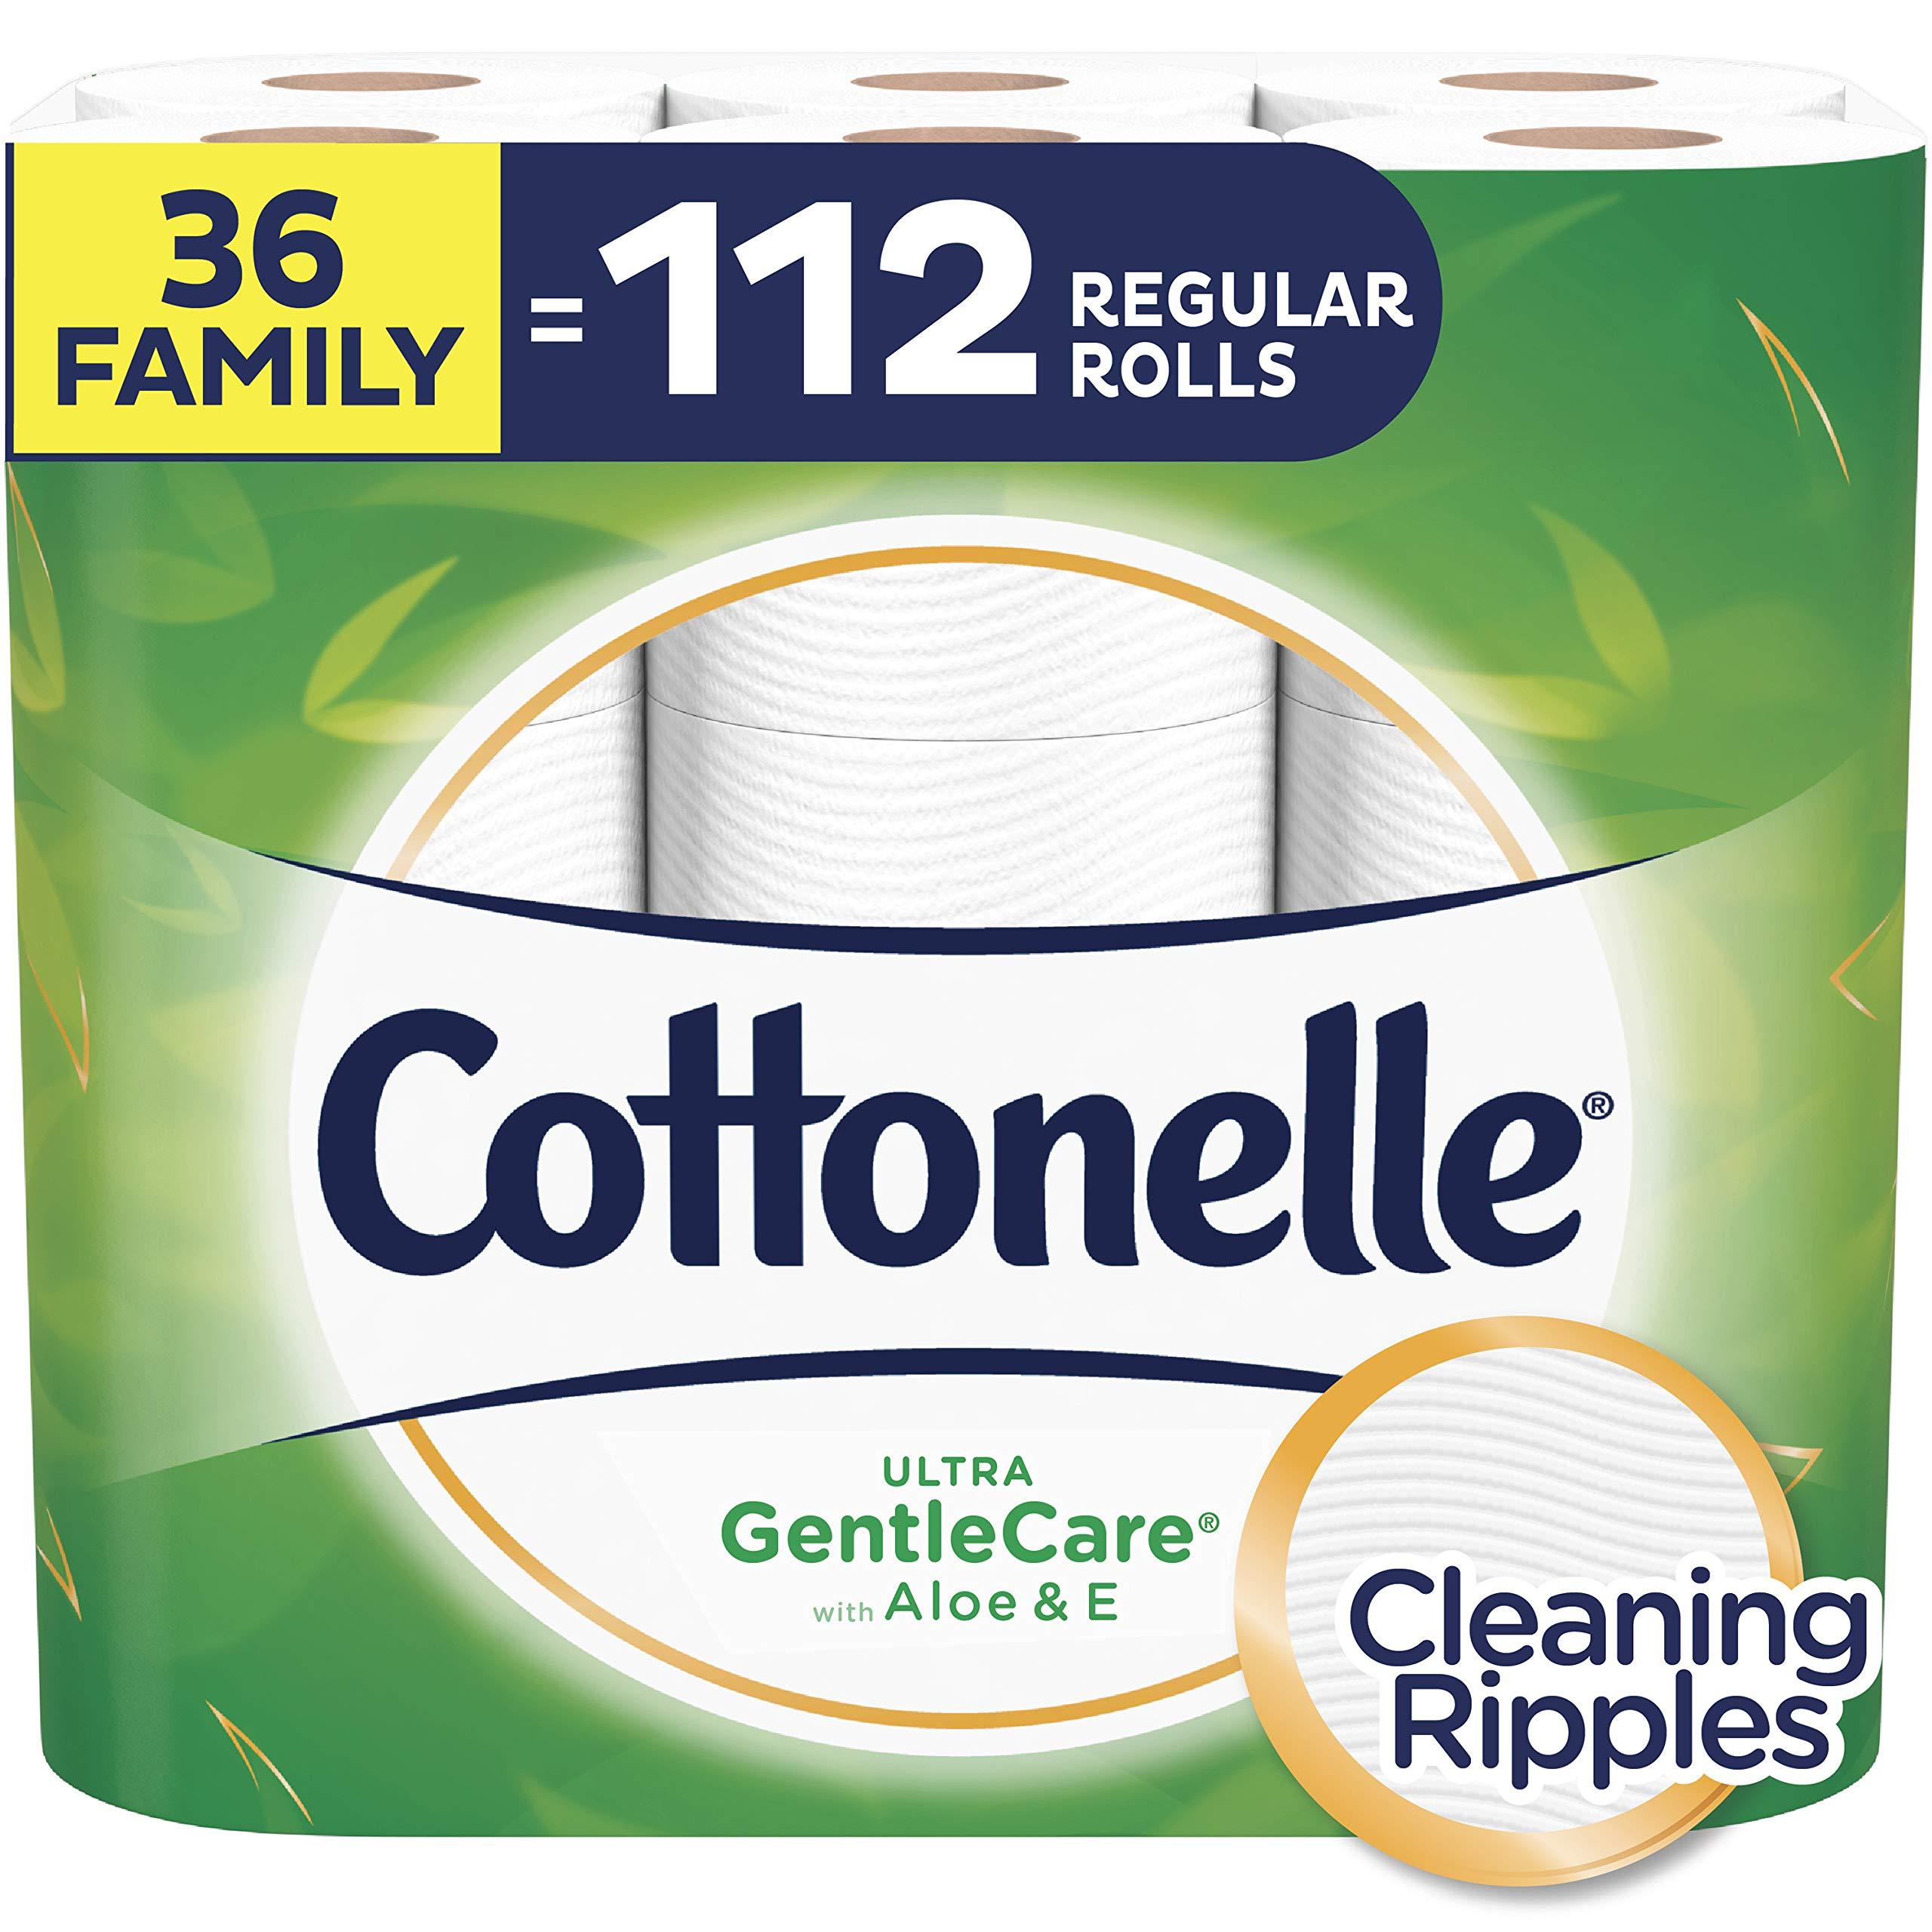 Cottonelle Ultra GentleCare Toilet Paper, Sensitive Bath Tissue, 36 Family Rolls+ by Cottonelle